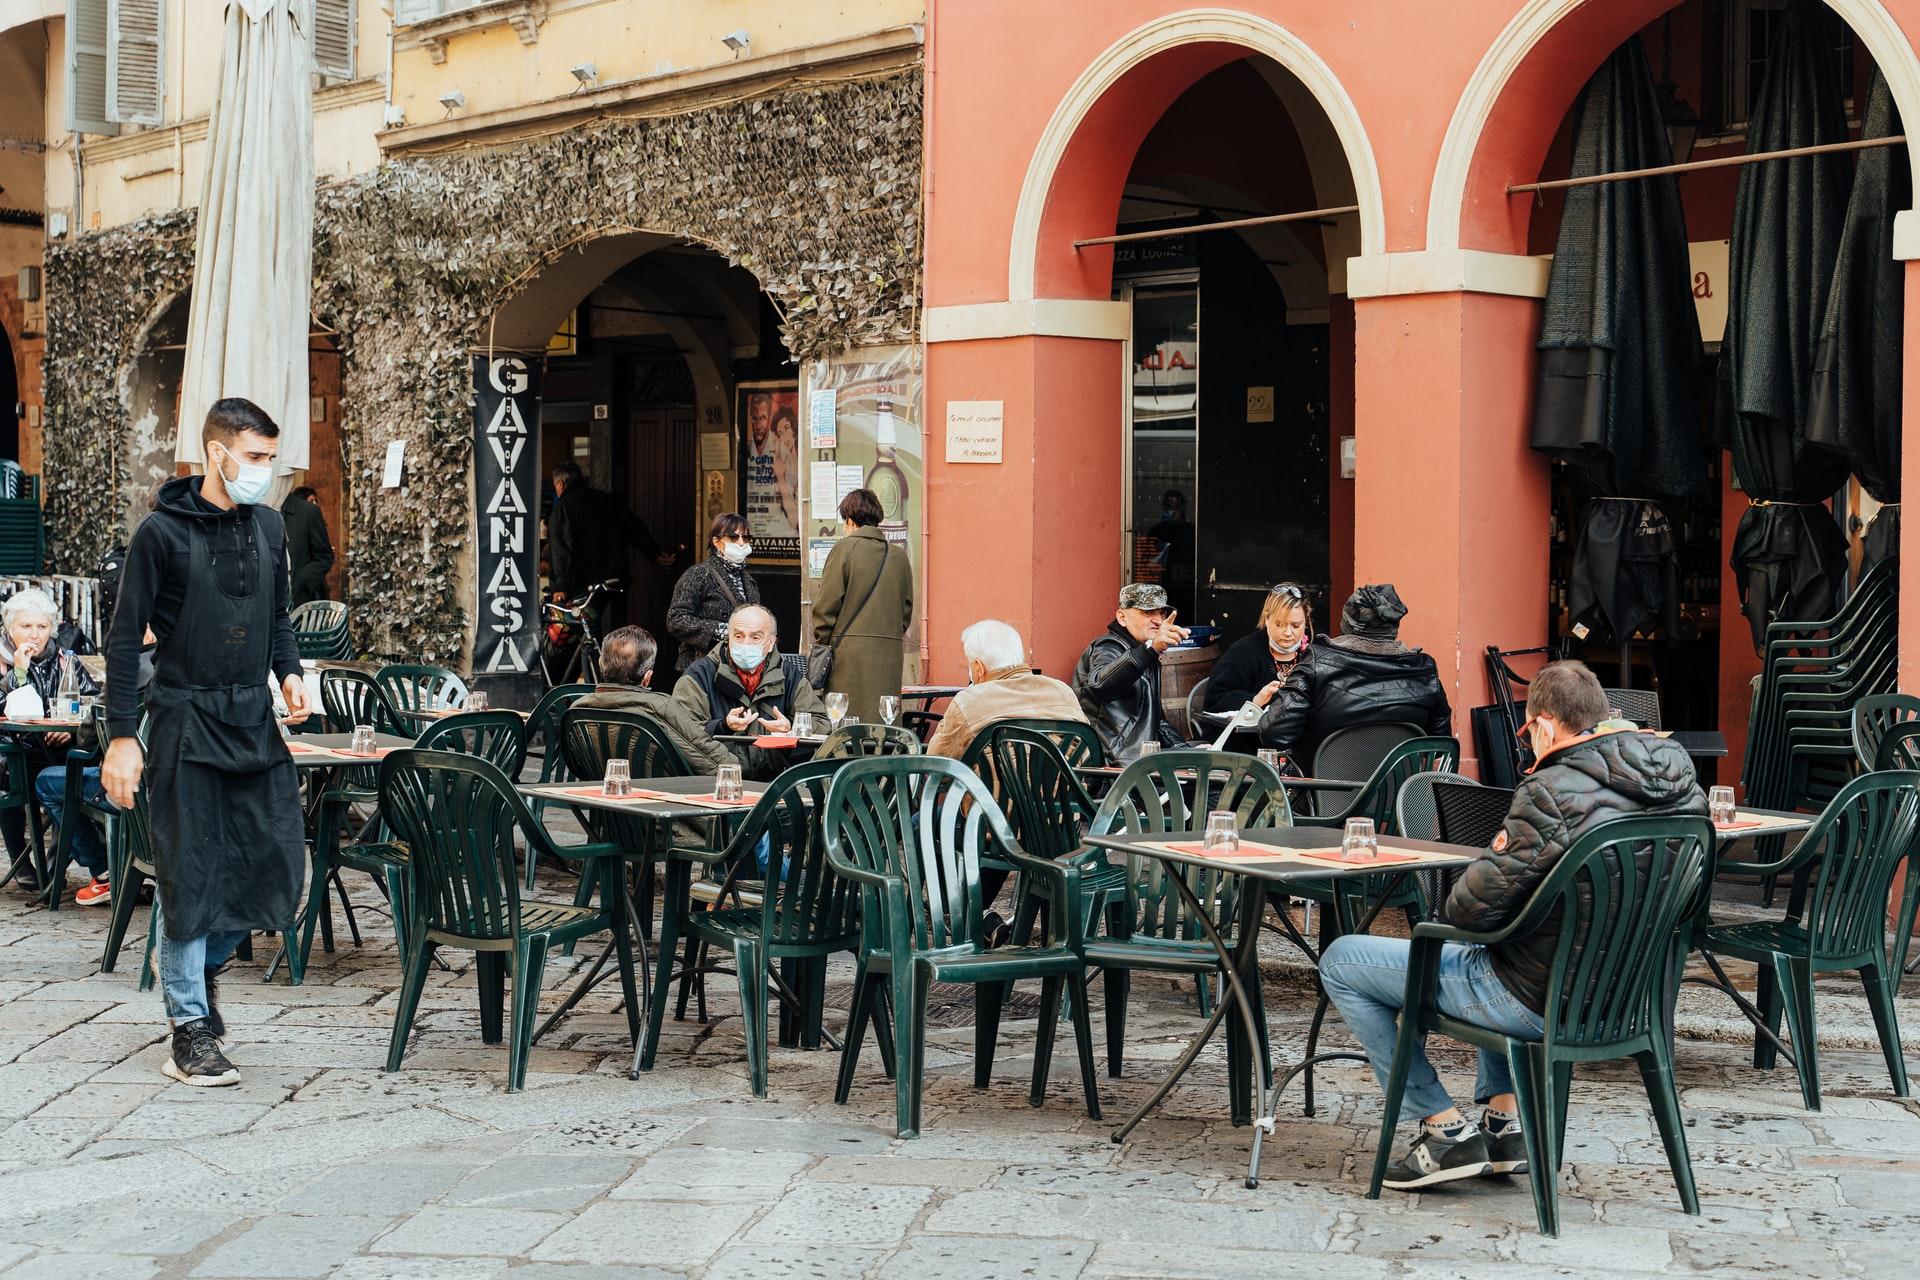 Olaszország feloldja a karanténkötelezettséget az uniós állampolgárok számára